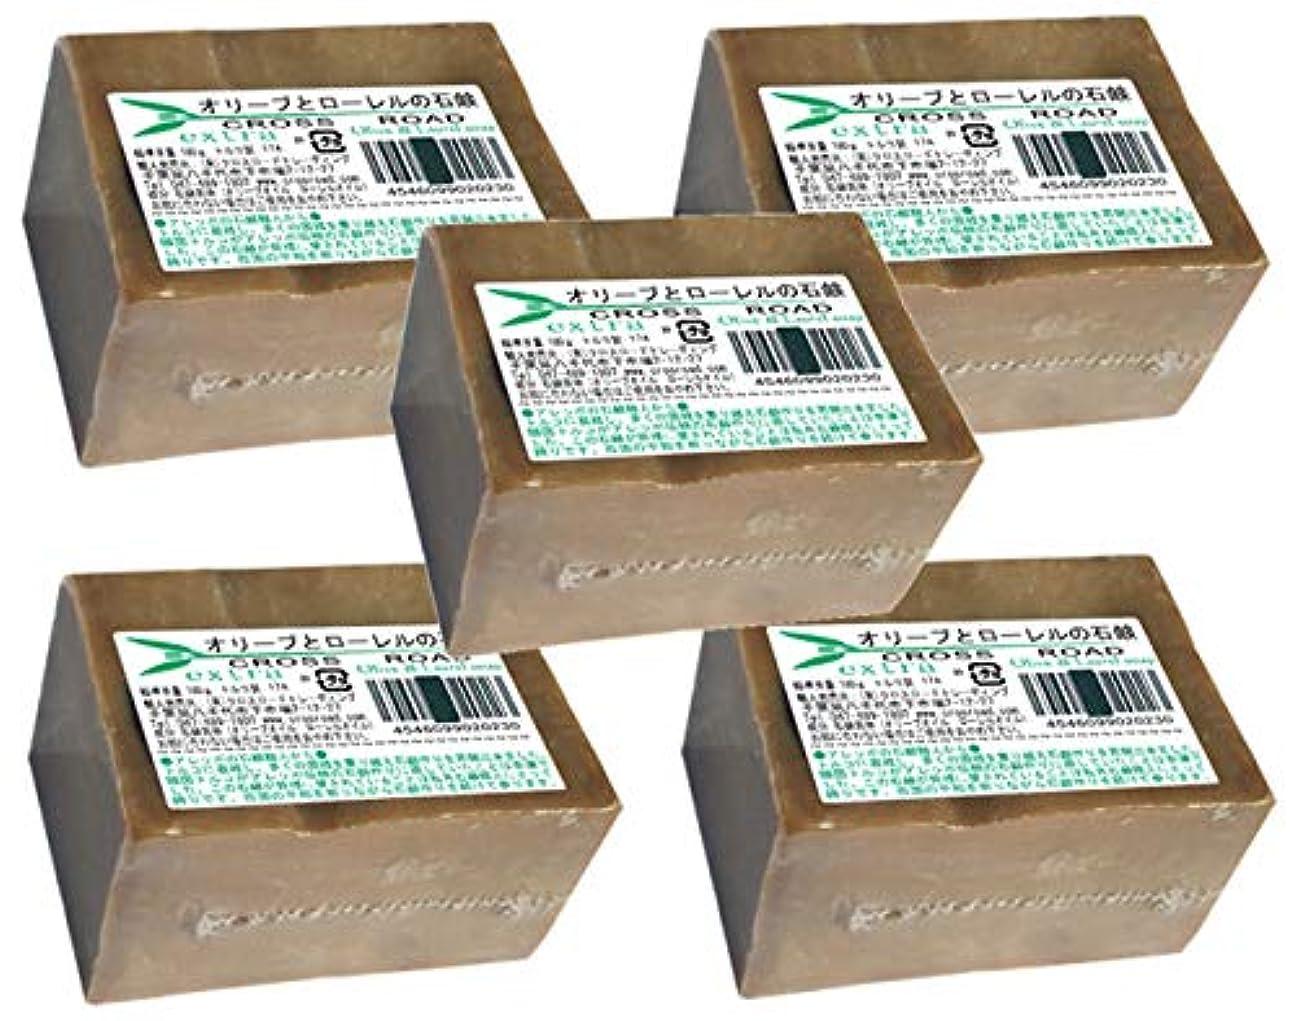 ケージサイクロプス退却オリーブとローレルの石鹸(エキストラ)5個セット [並行輸入品]